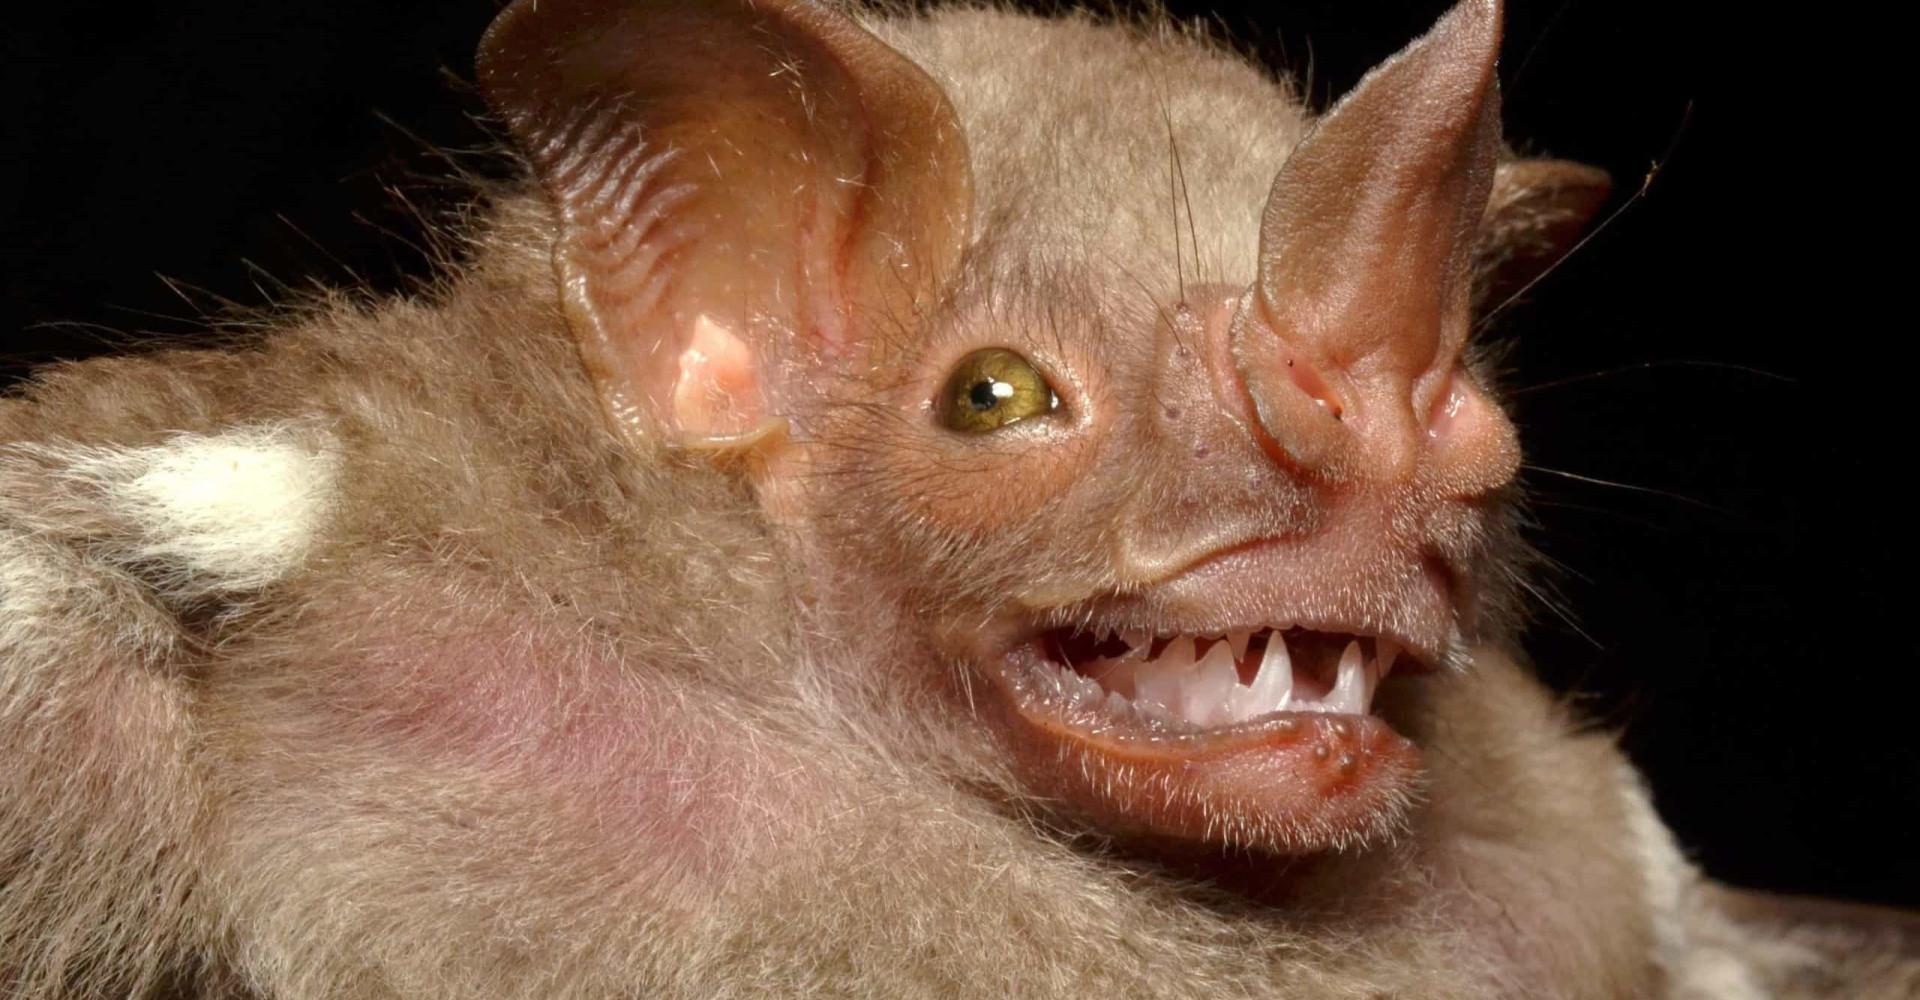 Ovatko nämä maailman rumimmat eläimet?